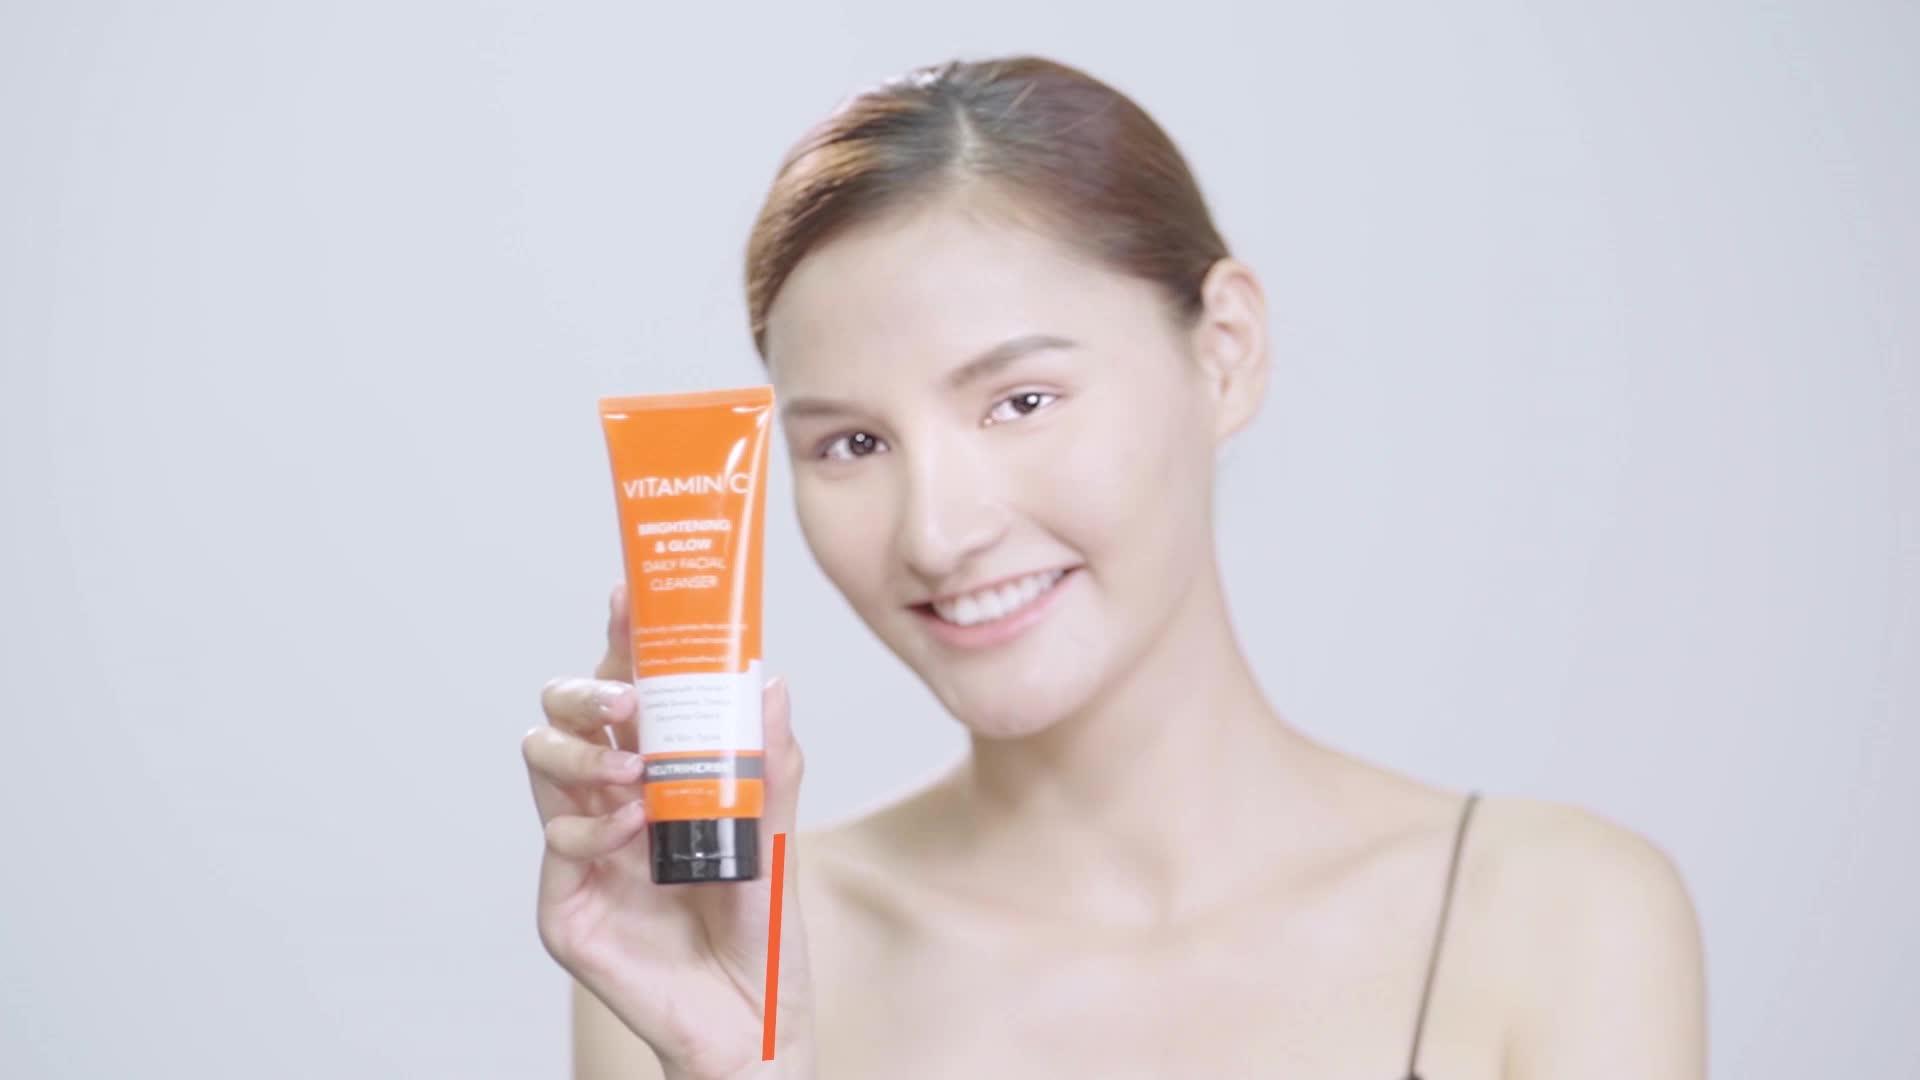 Kustom Private Label Organik Whitening Vitamin C Dalam Pori Pembersih Terbaik Wajah